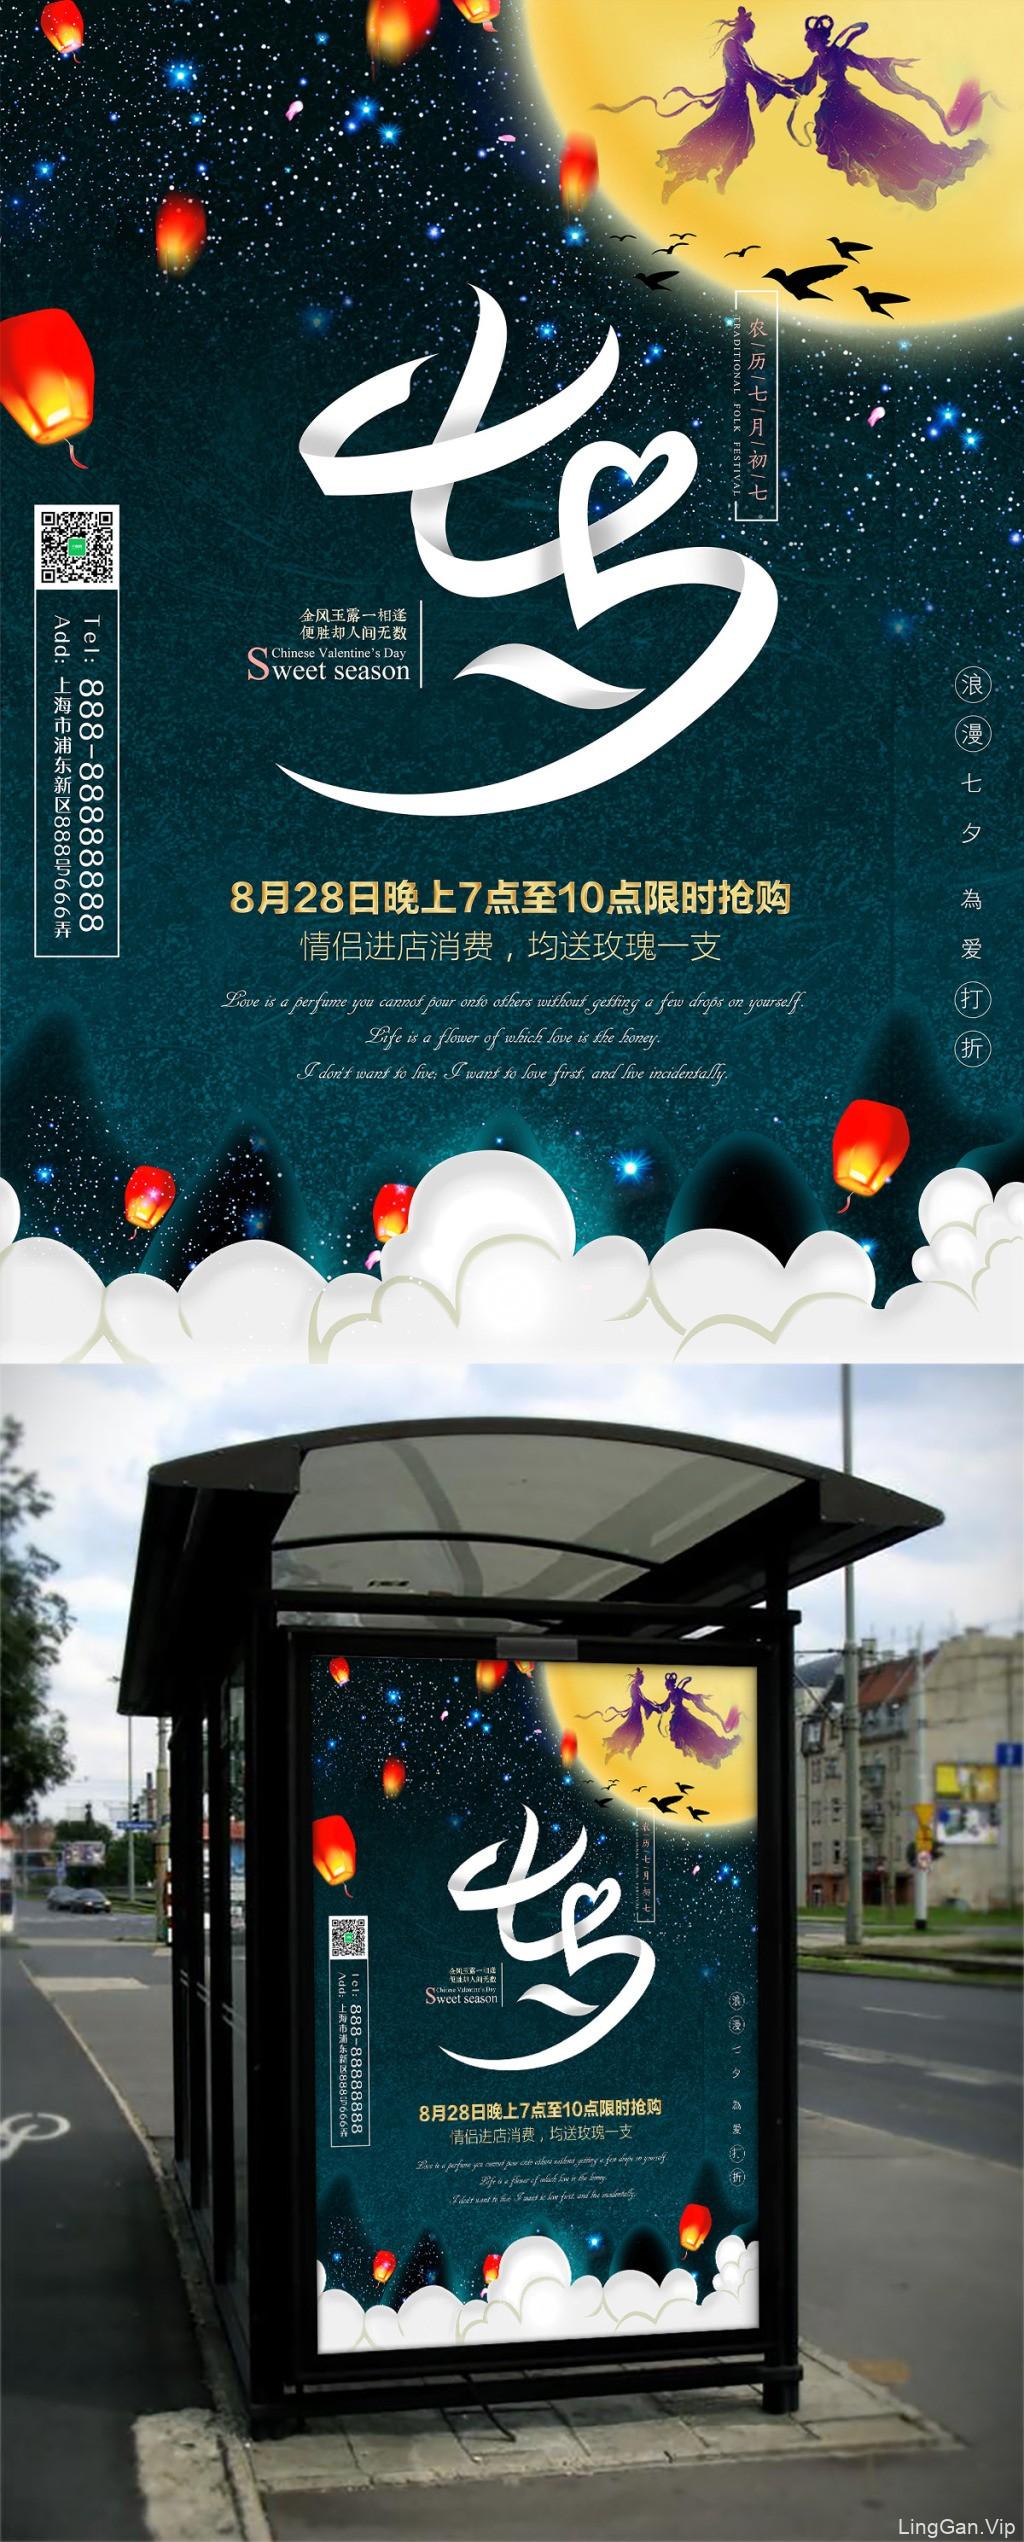 2017年浪漫七夕情人节艺术字海报